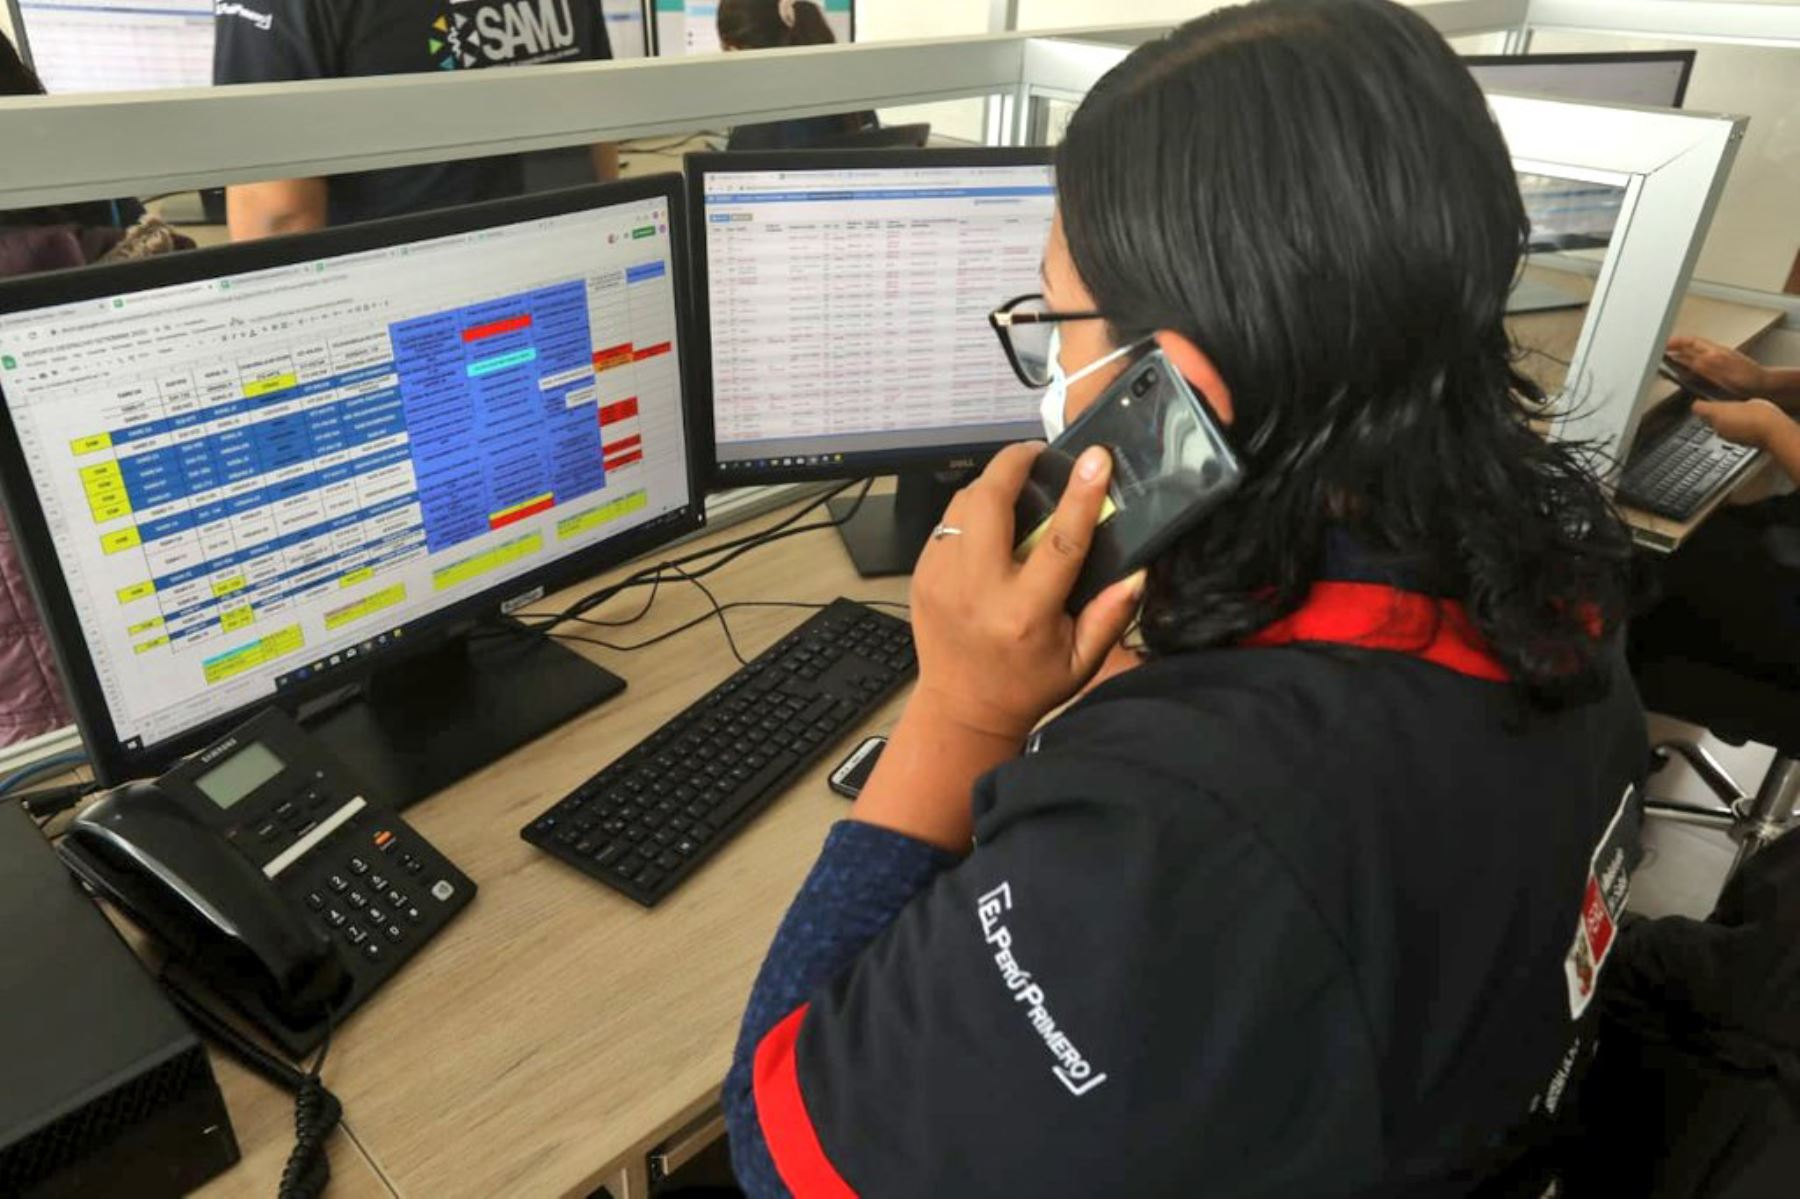 La nueva infraestructura permitirá incrementar el número de llamadas atendidas y construir un Sistema Único de Emergencias en Lima Metropolitana. Foto:ANDINA/Minsa